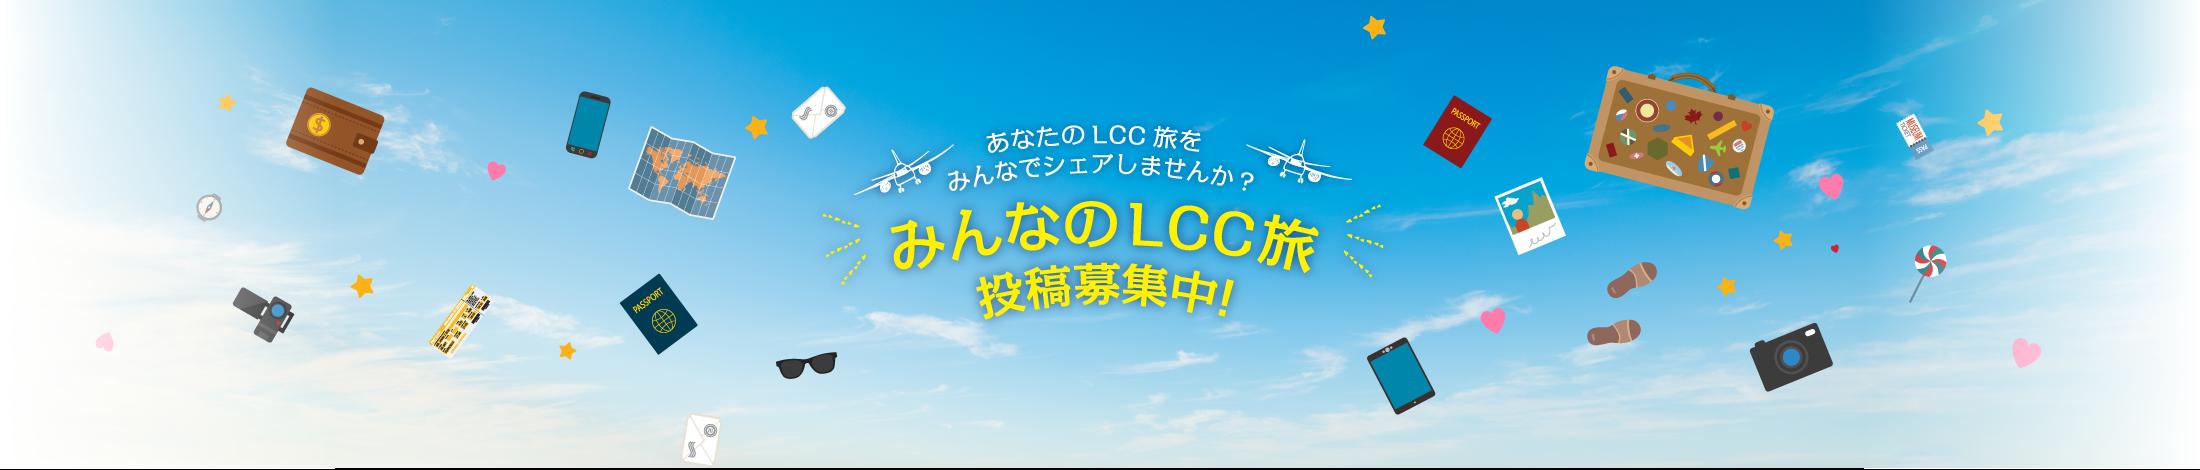 みんなのLCC旅 投稿募集中!